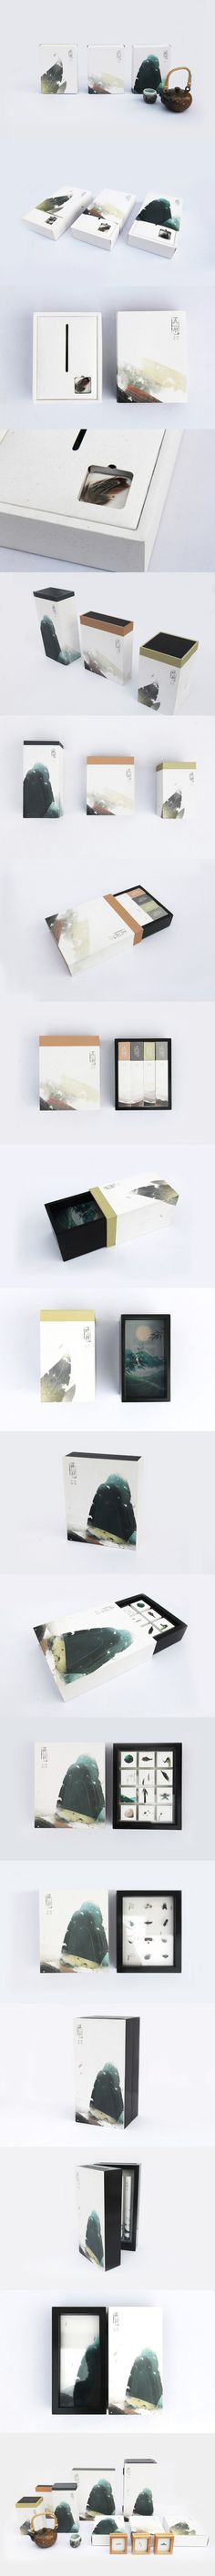 【烩设计】极具东方神韵的新中式包装-烩设计-微头条(wtoutiao.com)